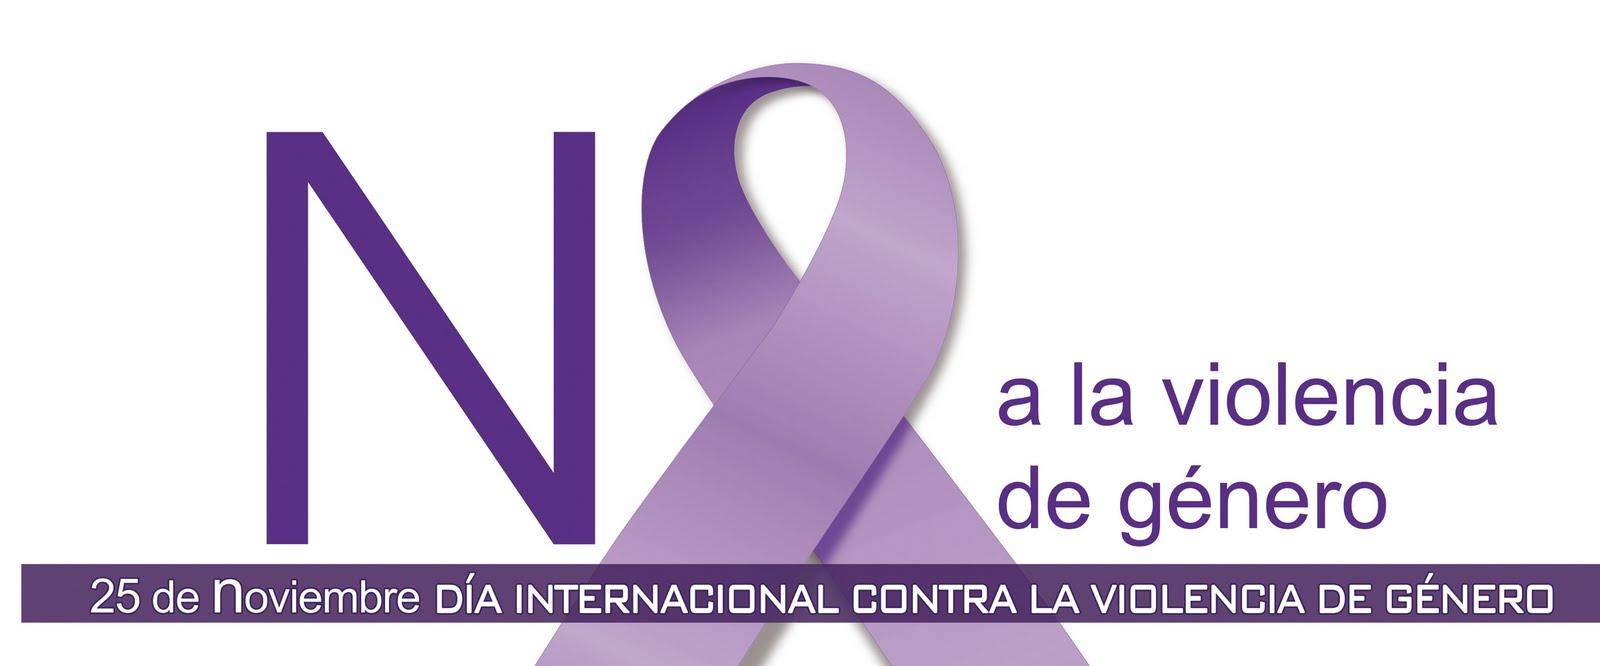 * ¡Stop A La Violencia De Género! *